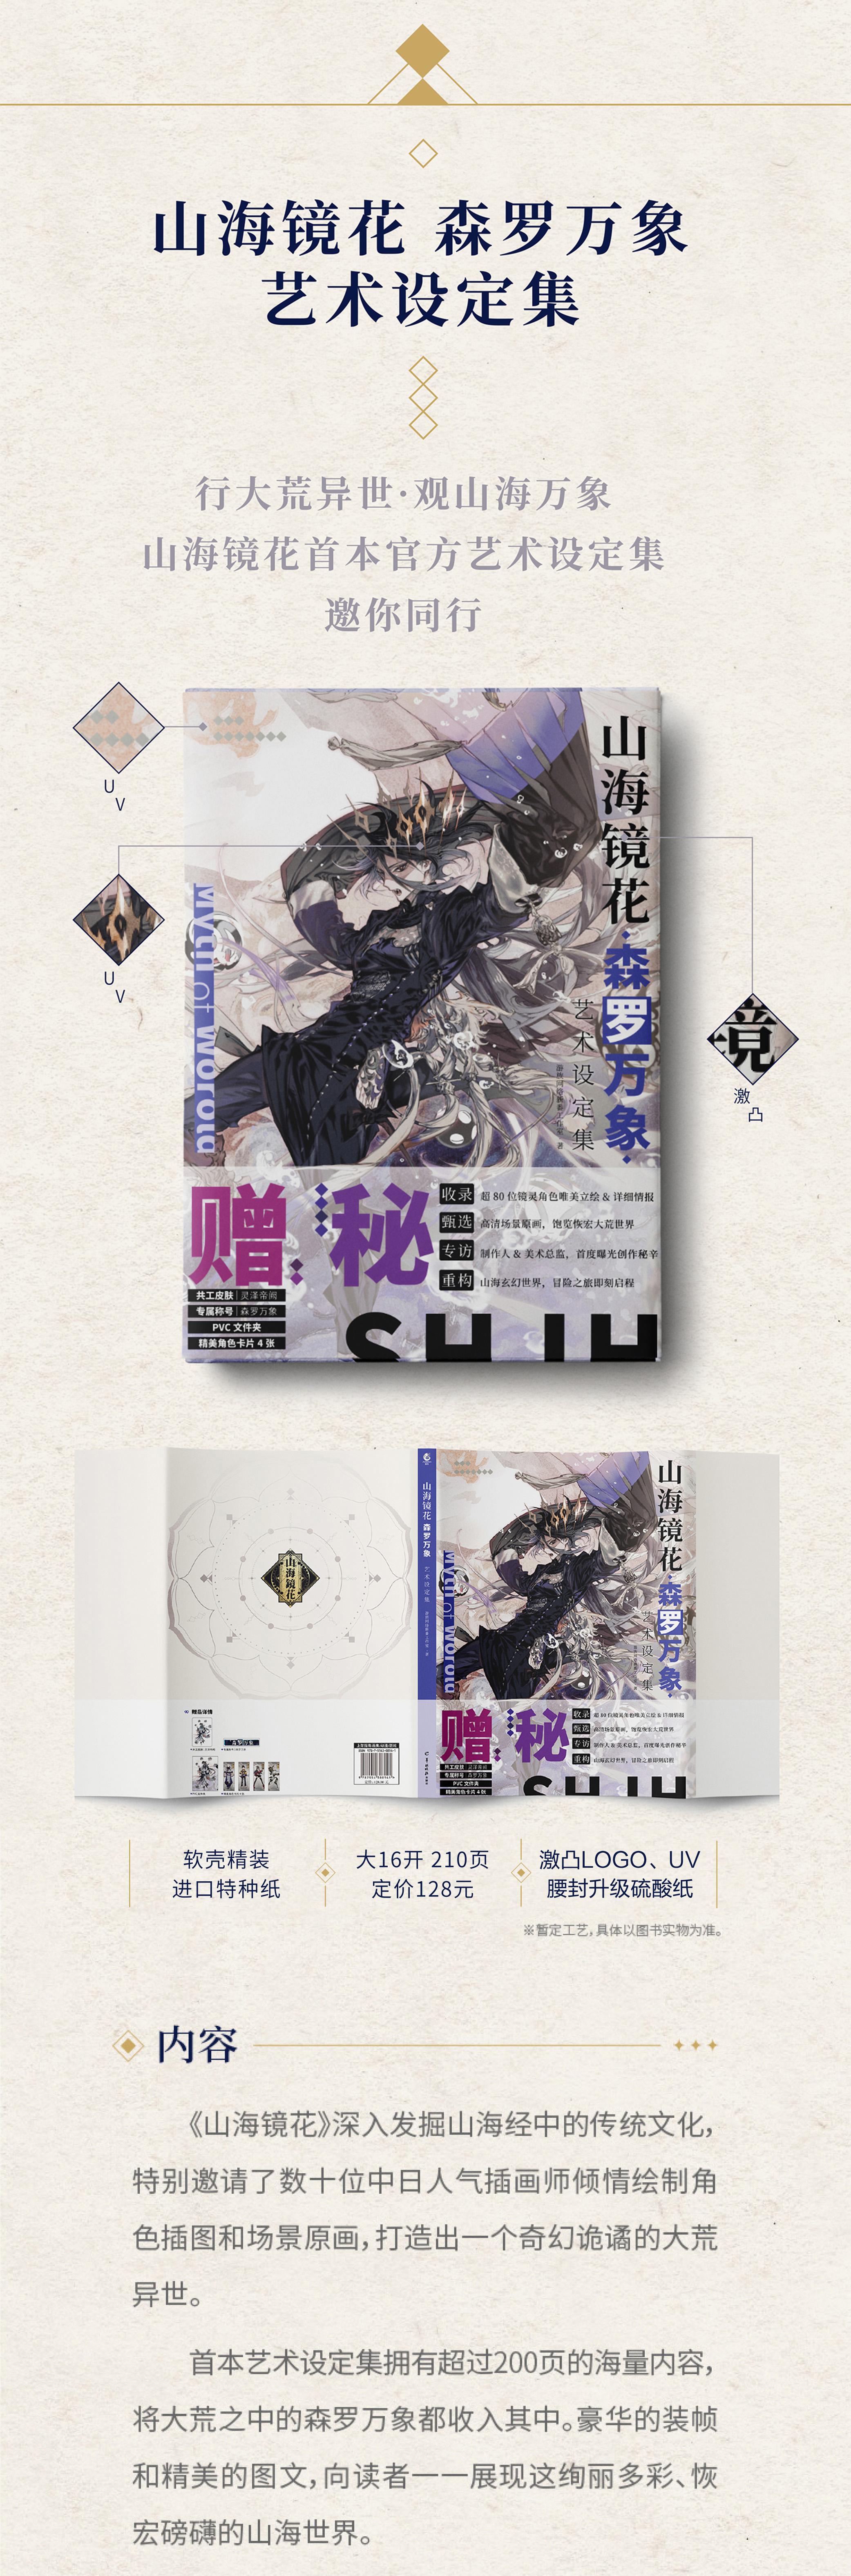 山海镜花长条-02(有定价).jpg